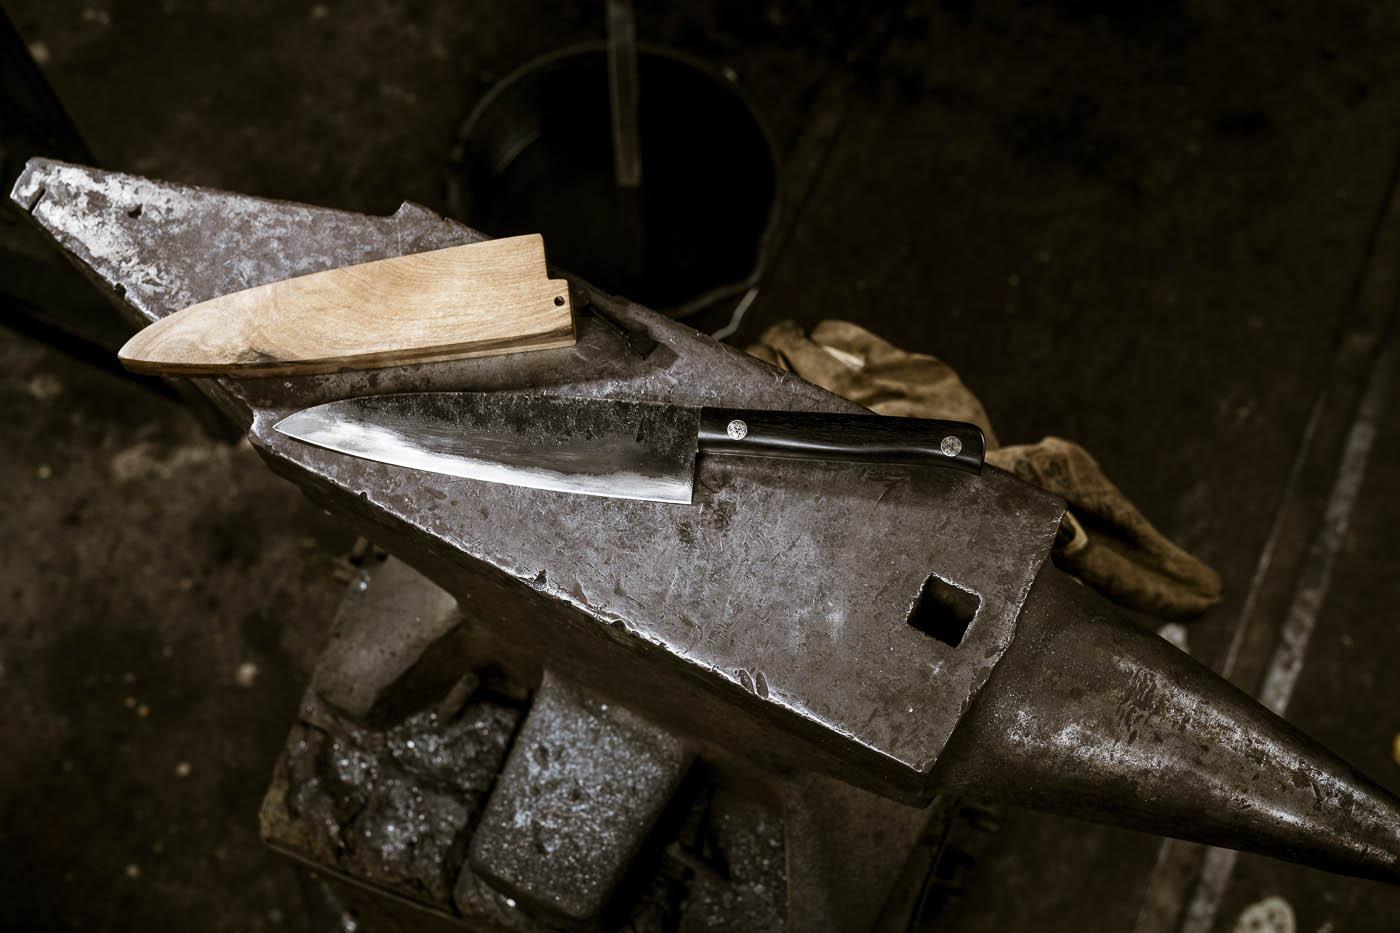 Fertiges Messer mit Messerscheide